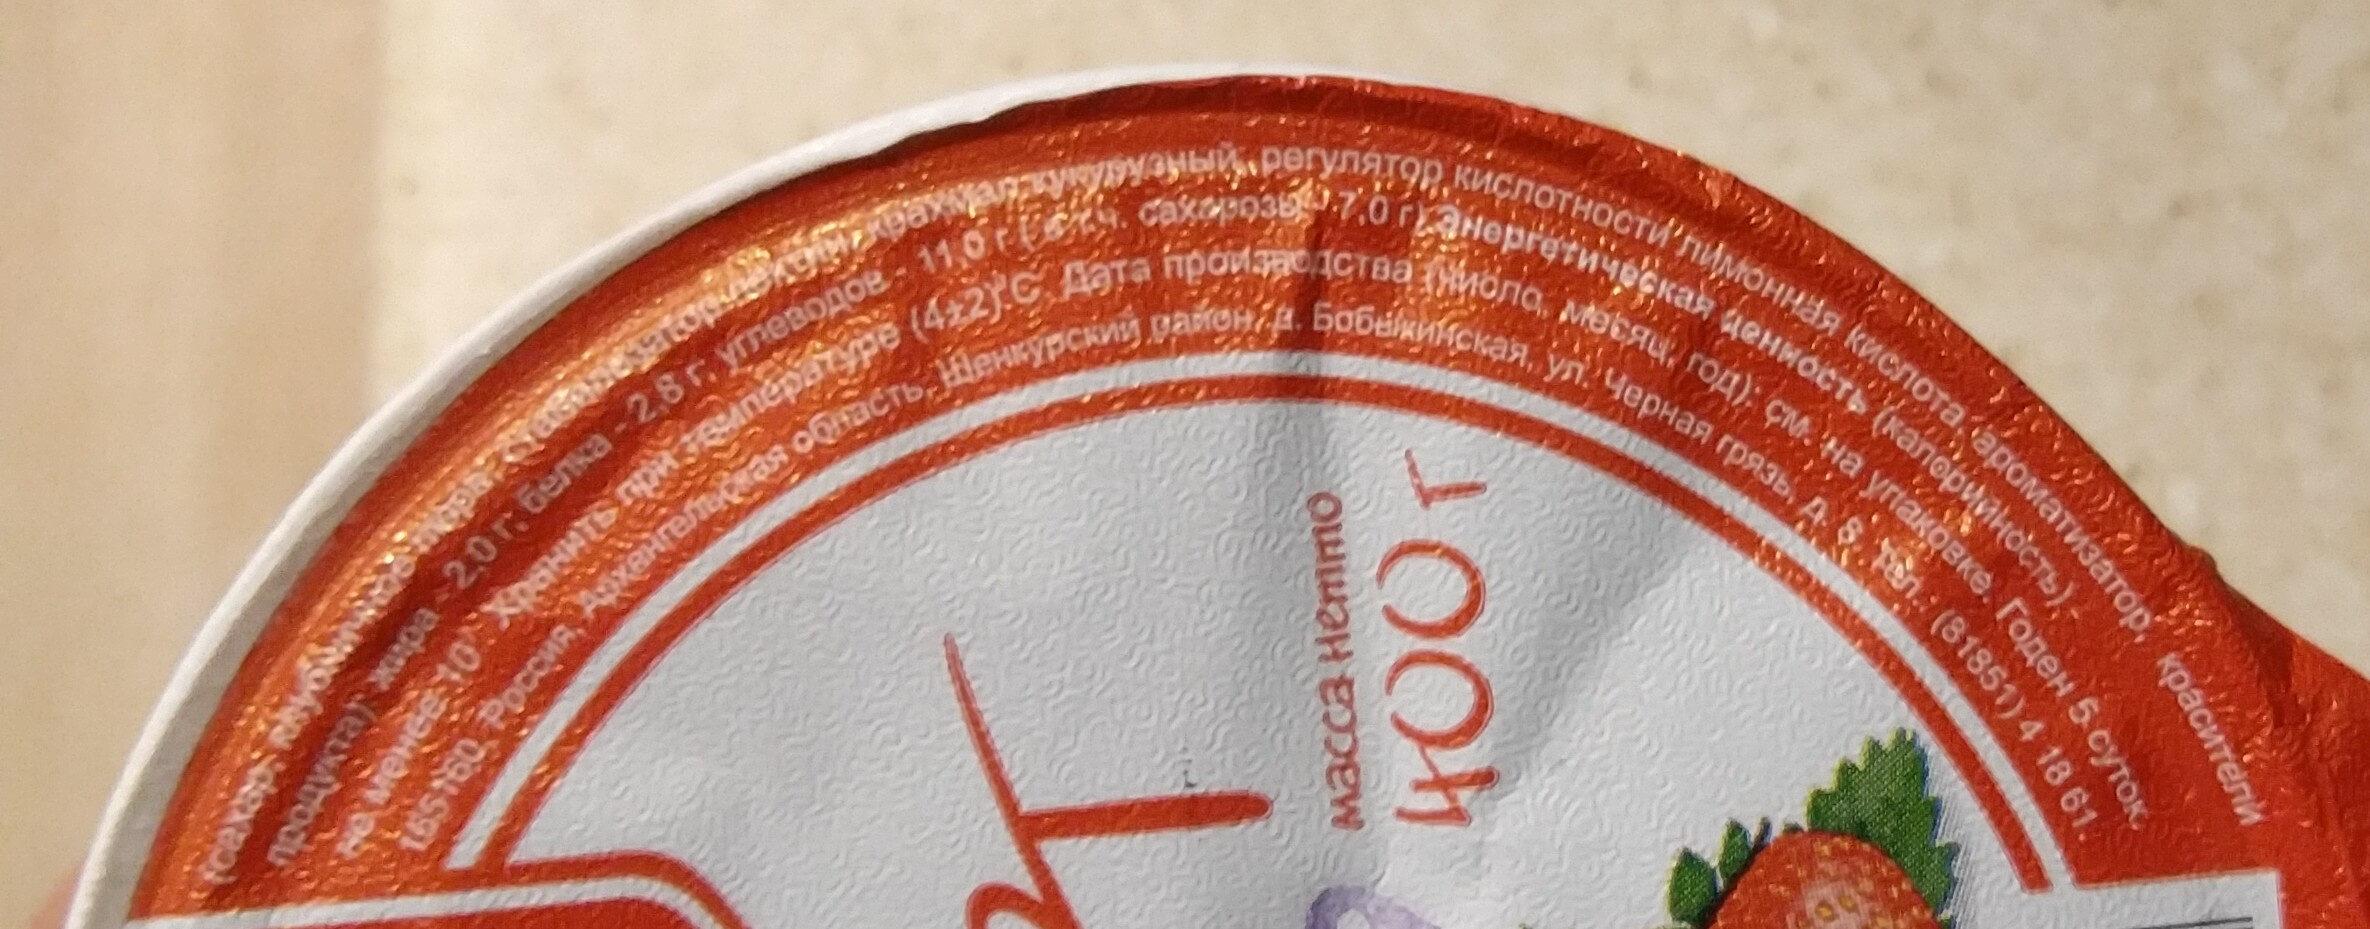 Йогурт клубничный - Nährwertangaben